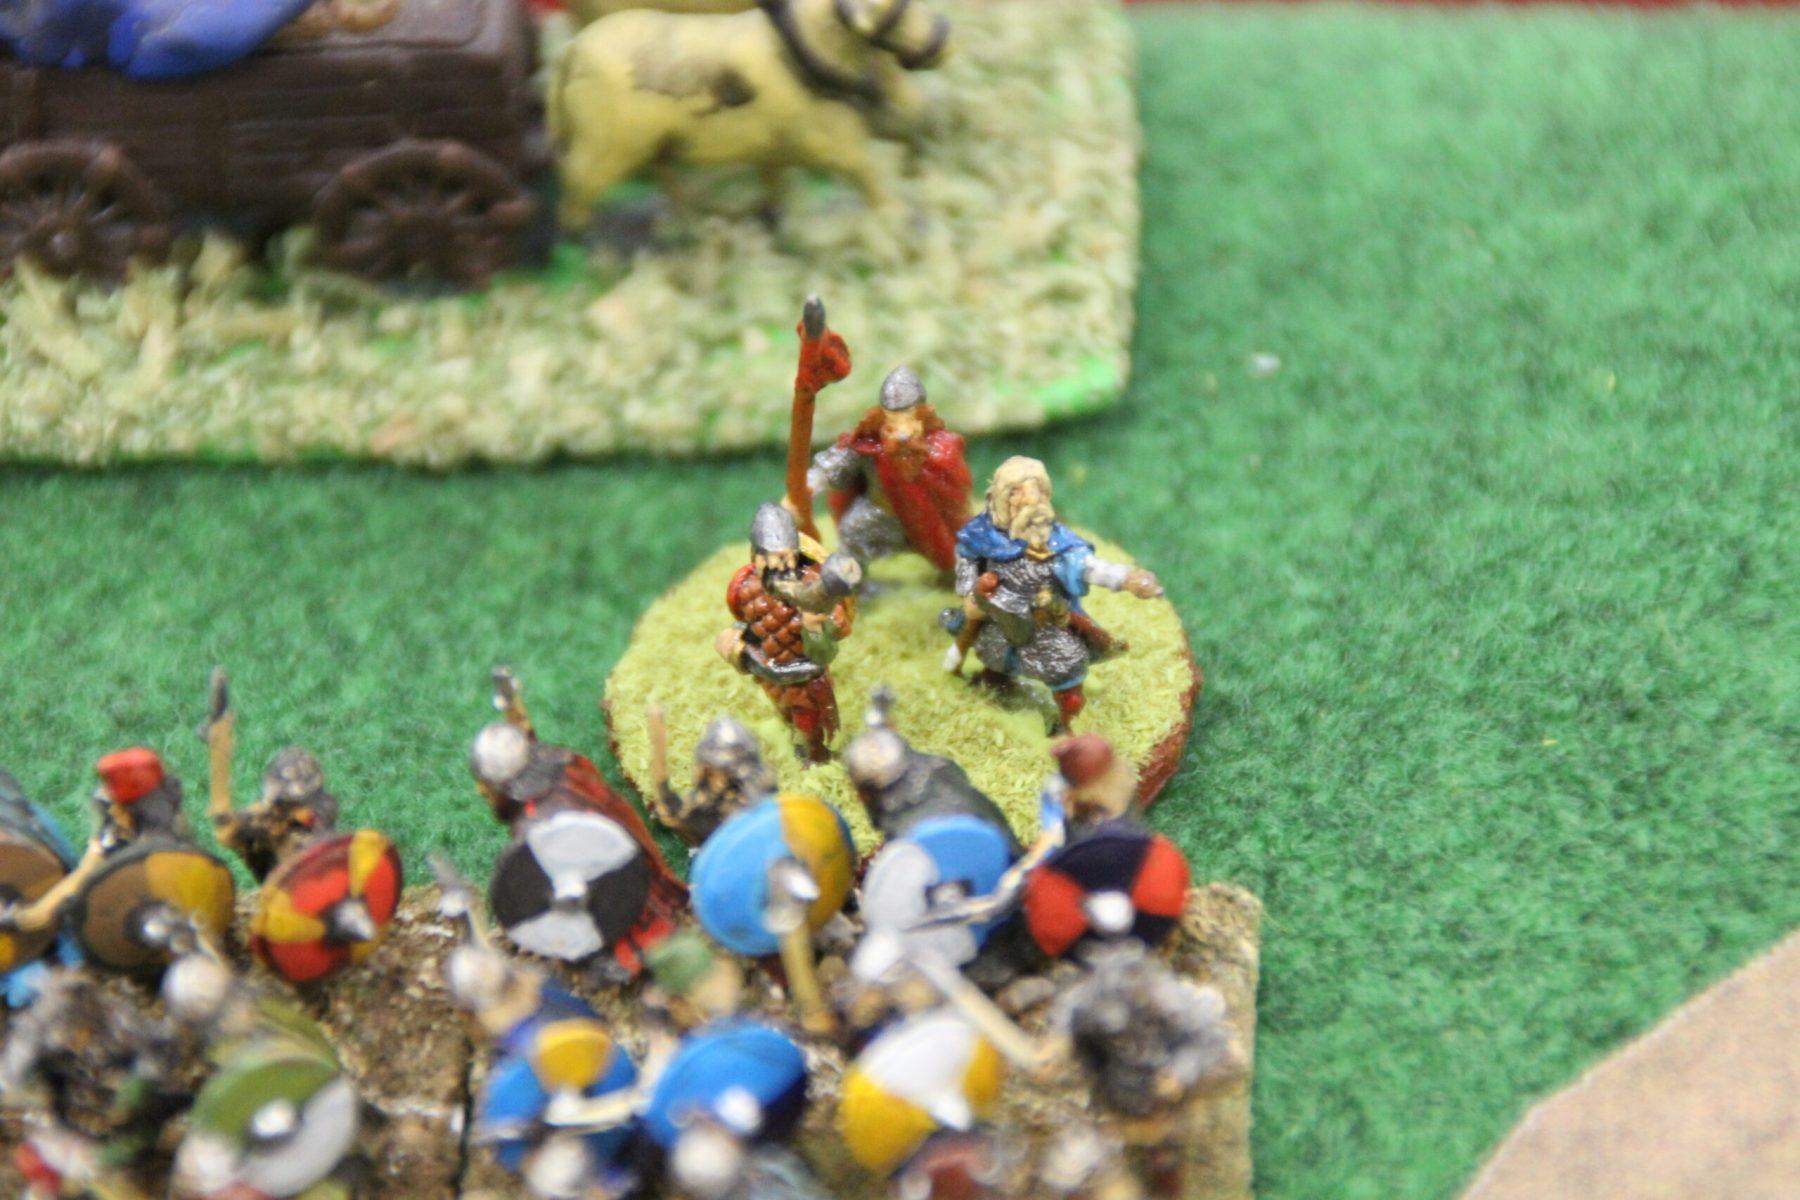 Le stratège Ivar Ragnarsson est présent sur le champ de bataille.